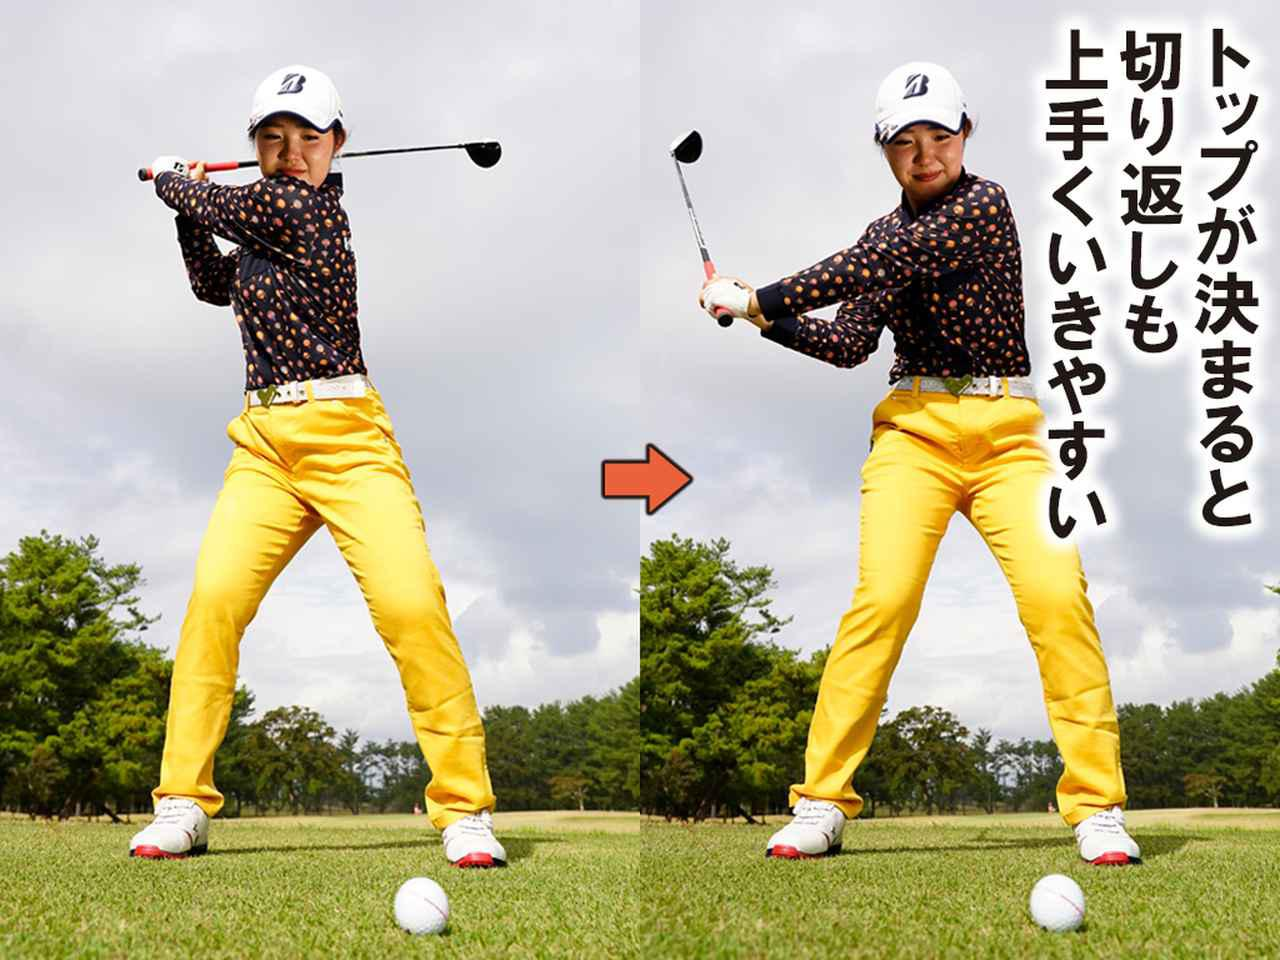 画像1: 【低く入るポイント①】 左肩をあごの下まで回す